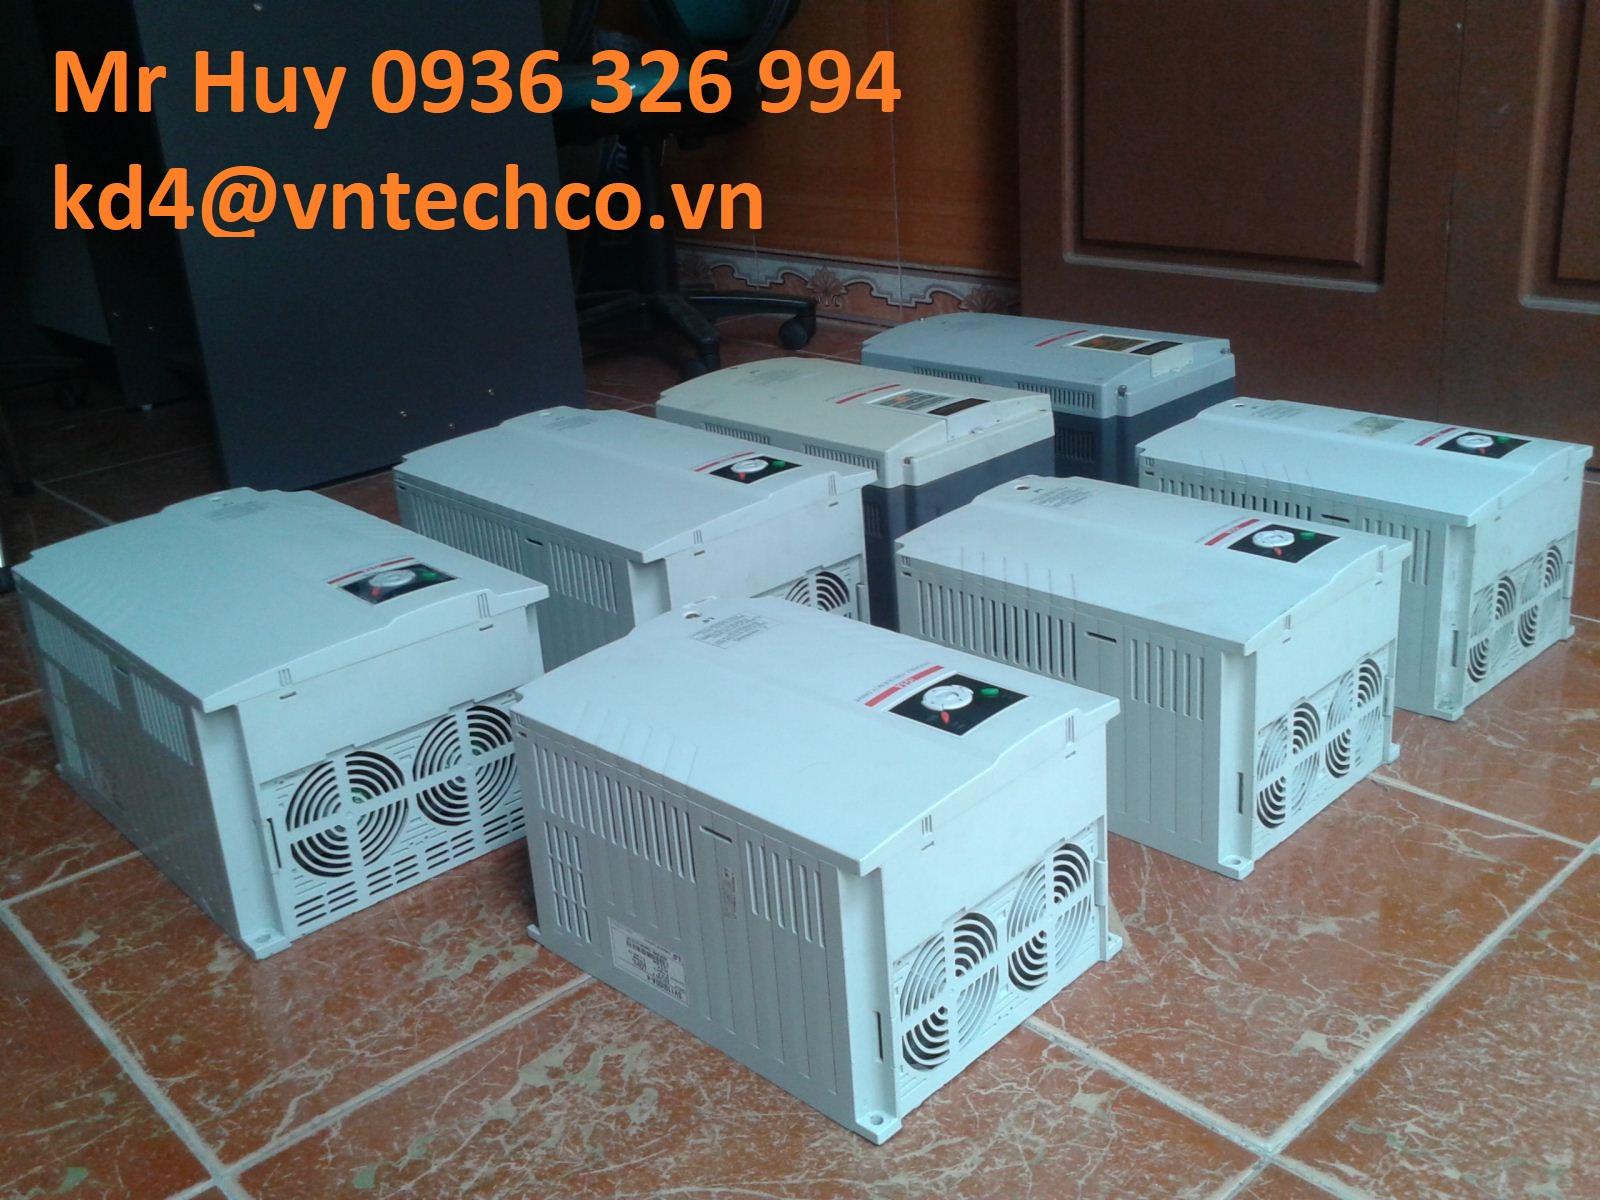 Phân phối biến tần LS chính hãng giá tốt nhất Việt Nam.